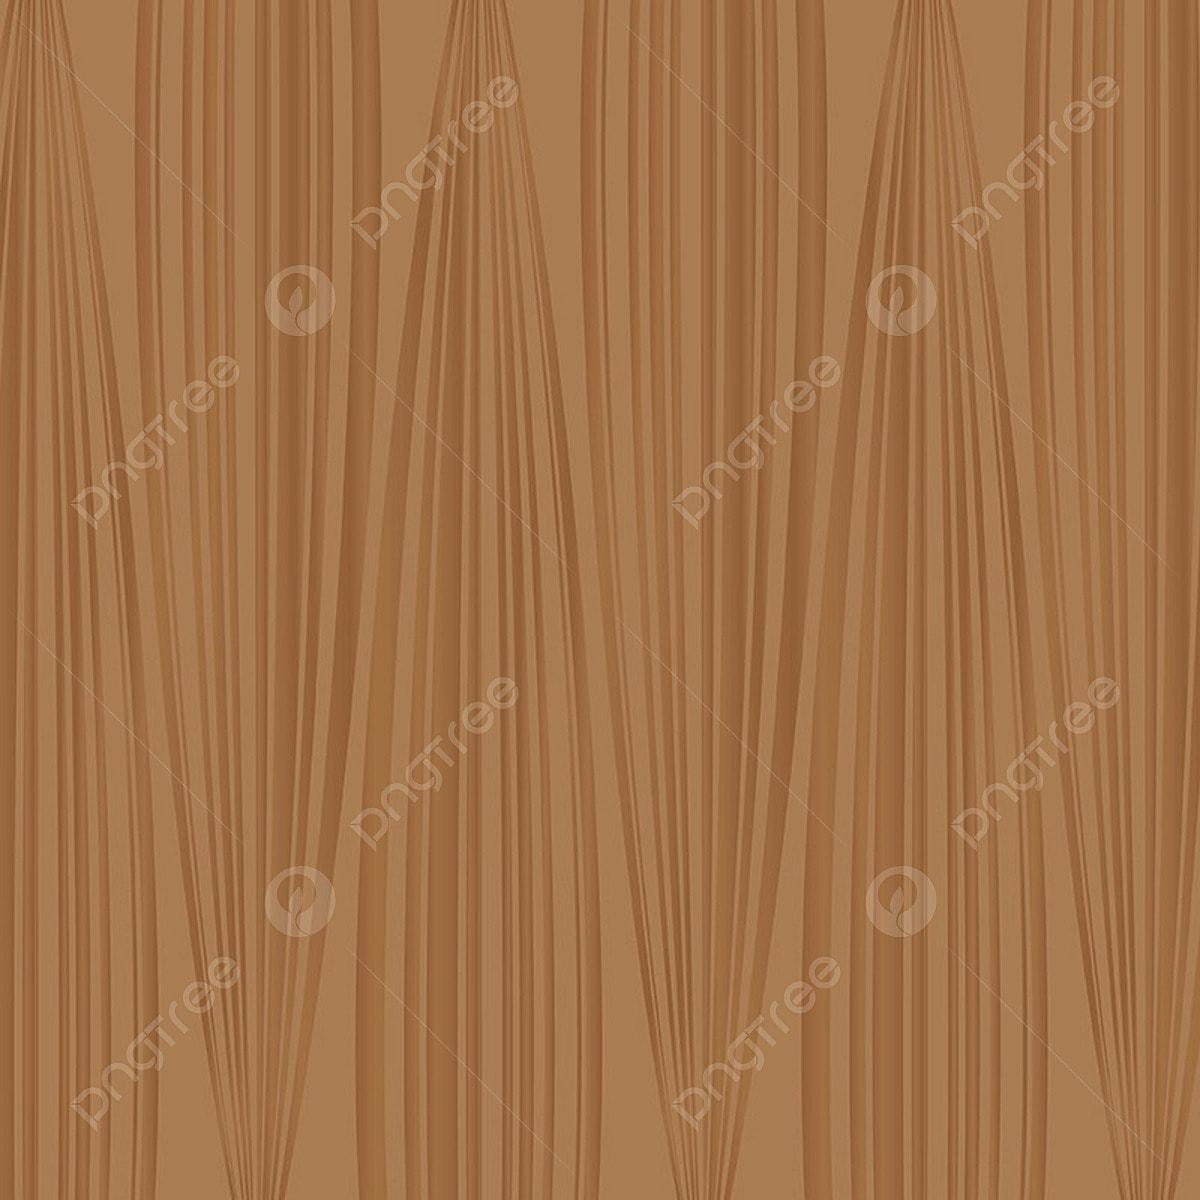 Les Bois De Texture Wood Texture Conception Png Et Vecteur Pour